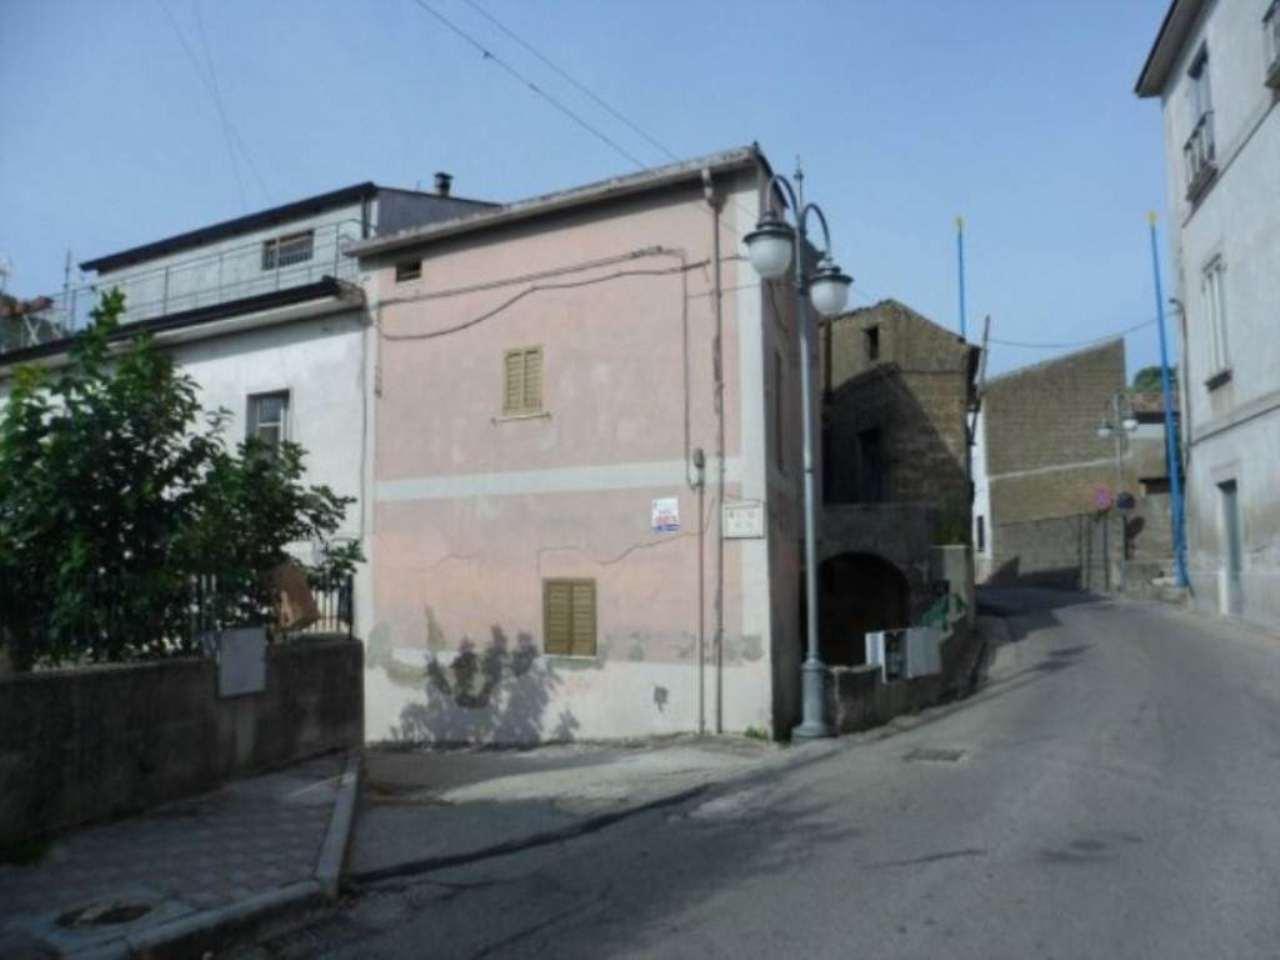 Soluzione Indipendente in vendita a Moiano, 9999 locali, prezzo € 25.000 | Cambio Casa.it